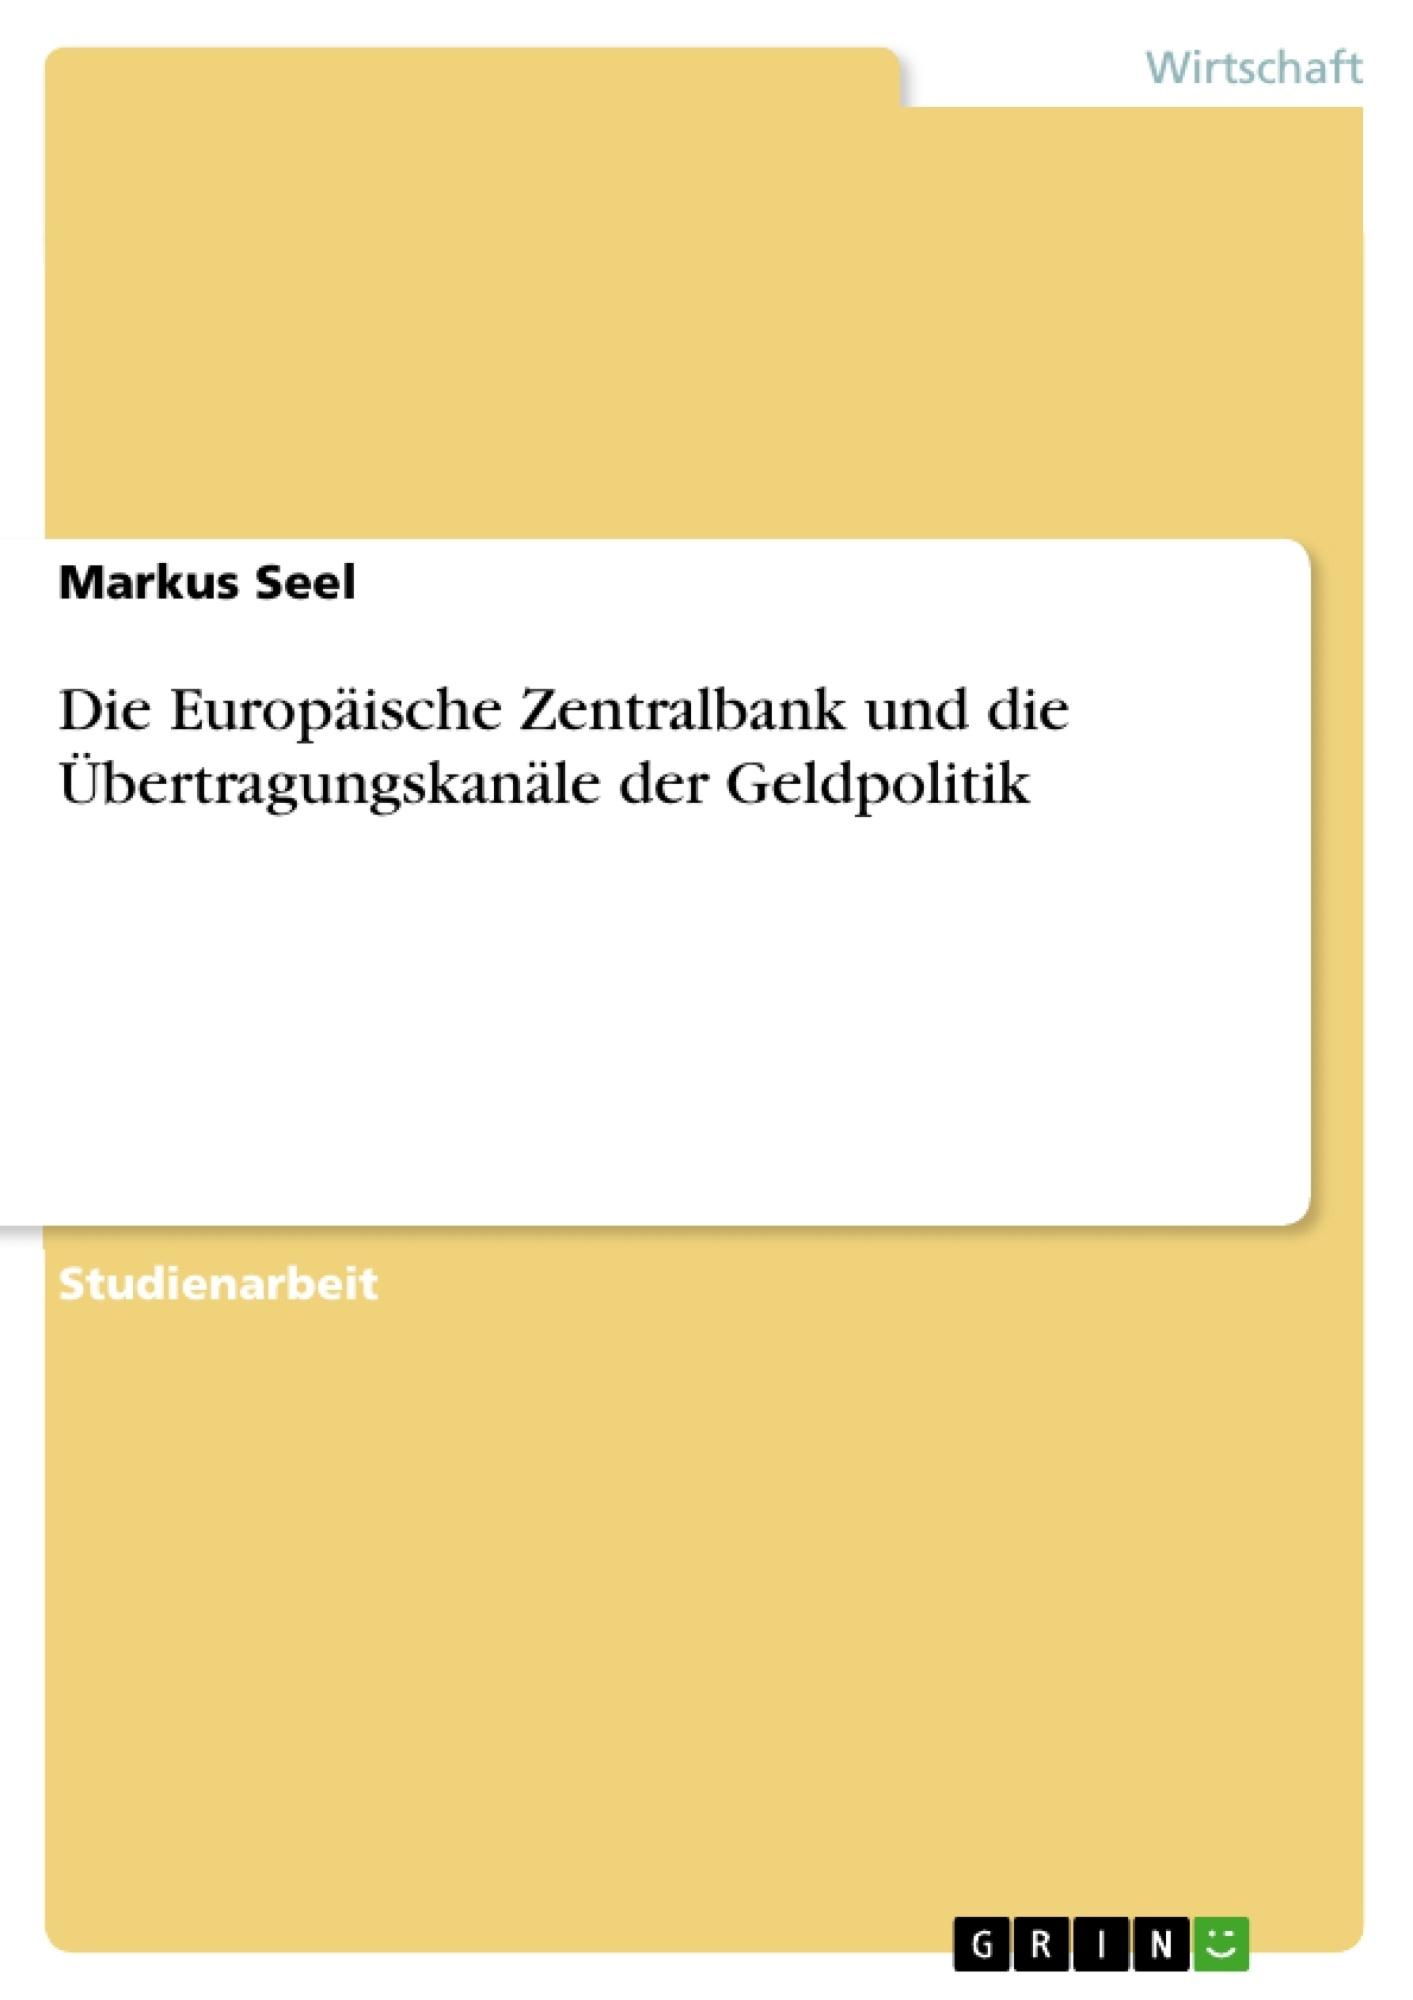 Titel: Die Europäische Zentralbank und die Übertragungskanäle der Geldpolitik